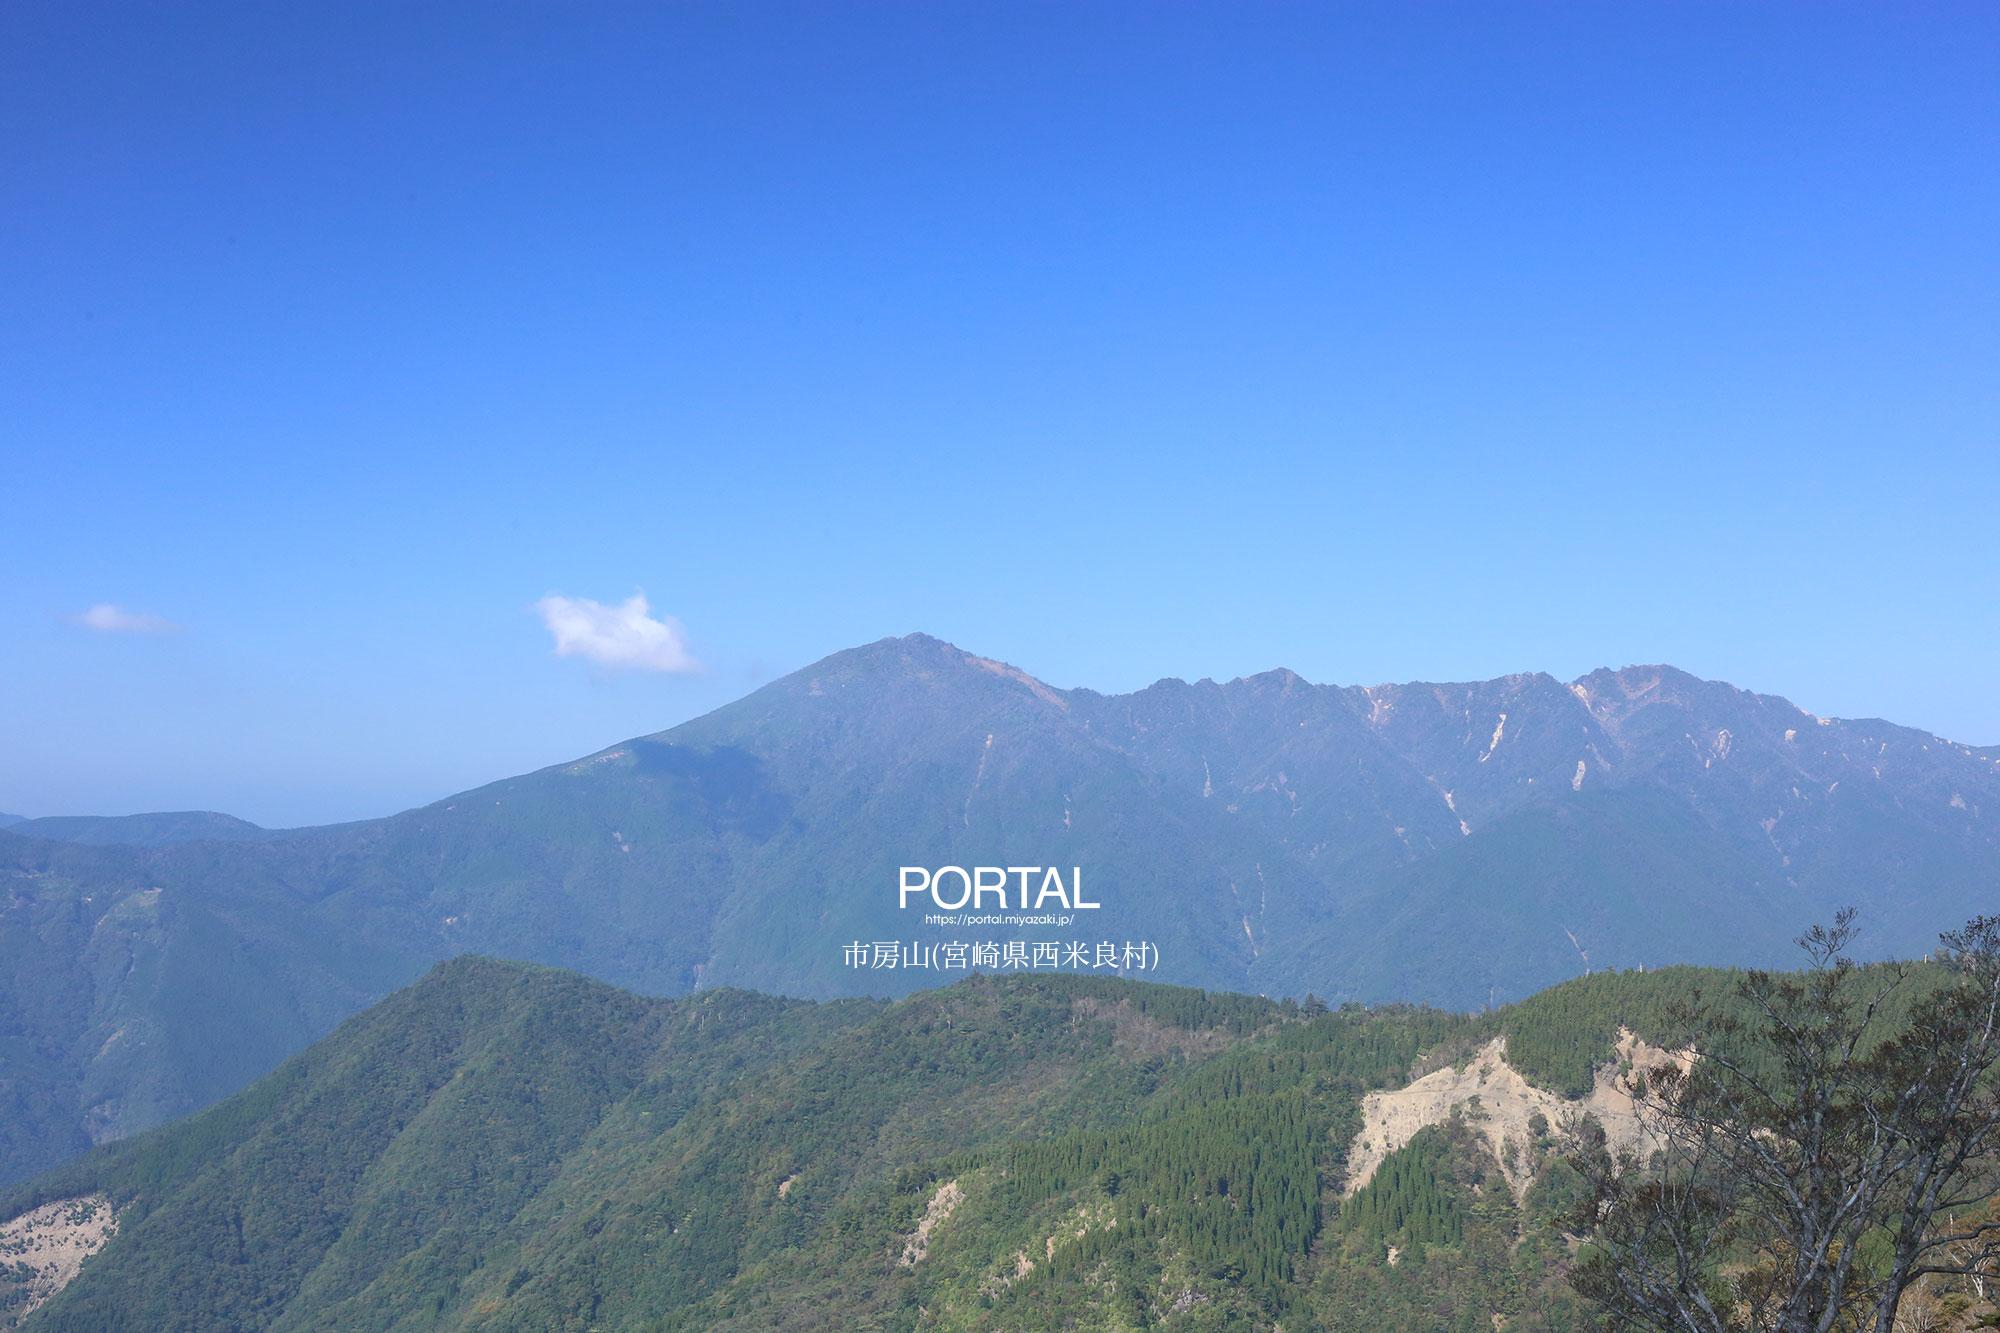 隣に位置する石堂山から眺める市房山